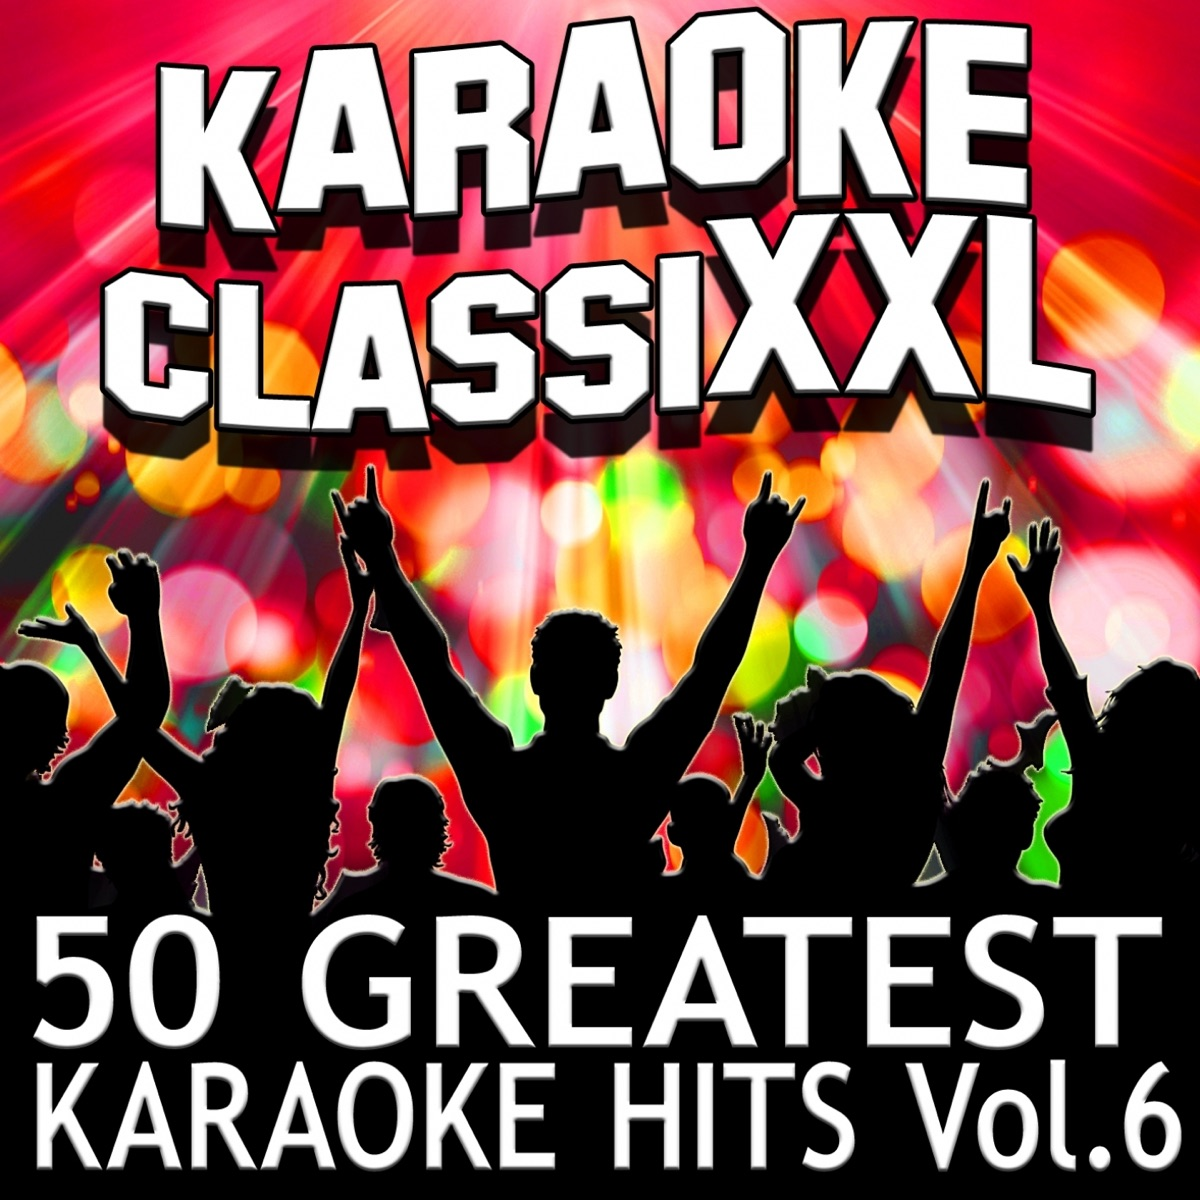 50 Greatest Karaoke Hits Vol 6 Karaoke Version Dohn Joe CD cover